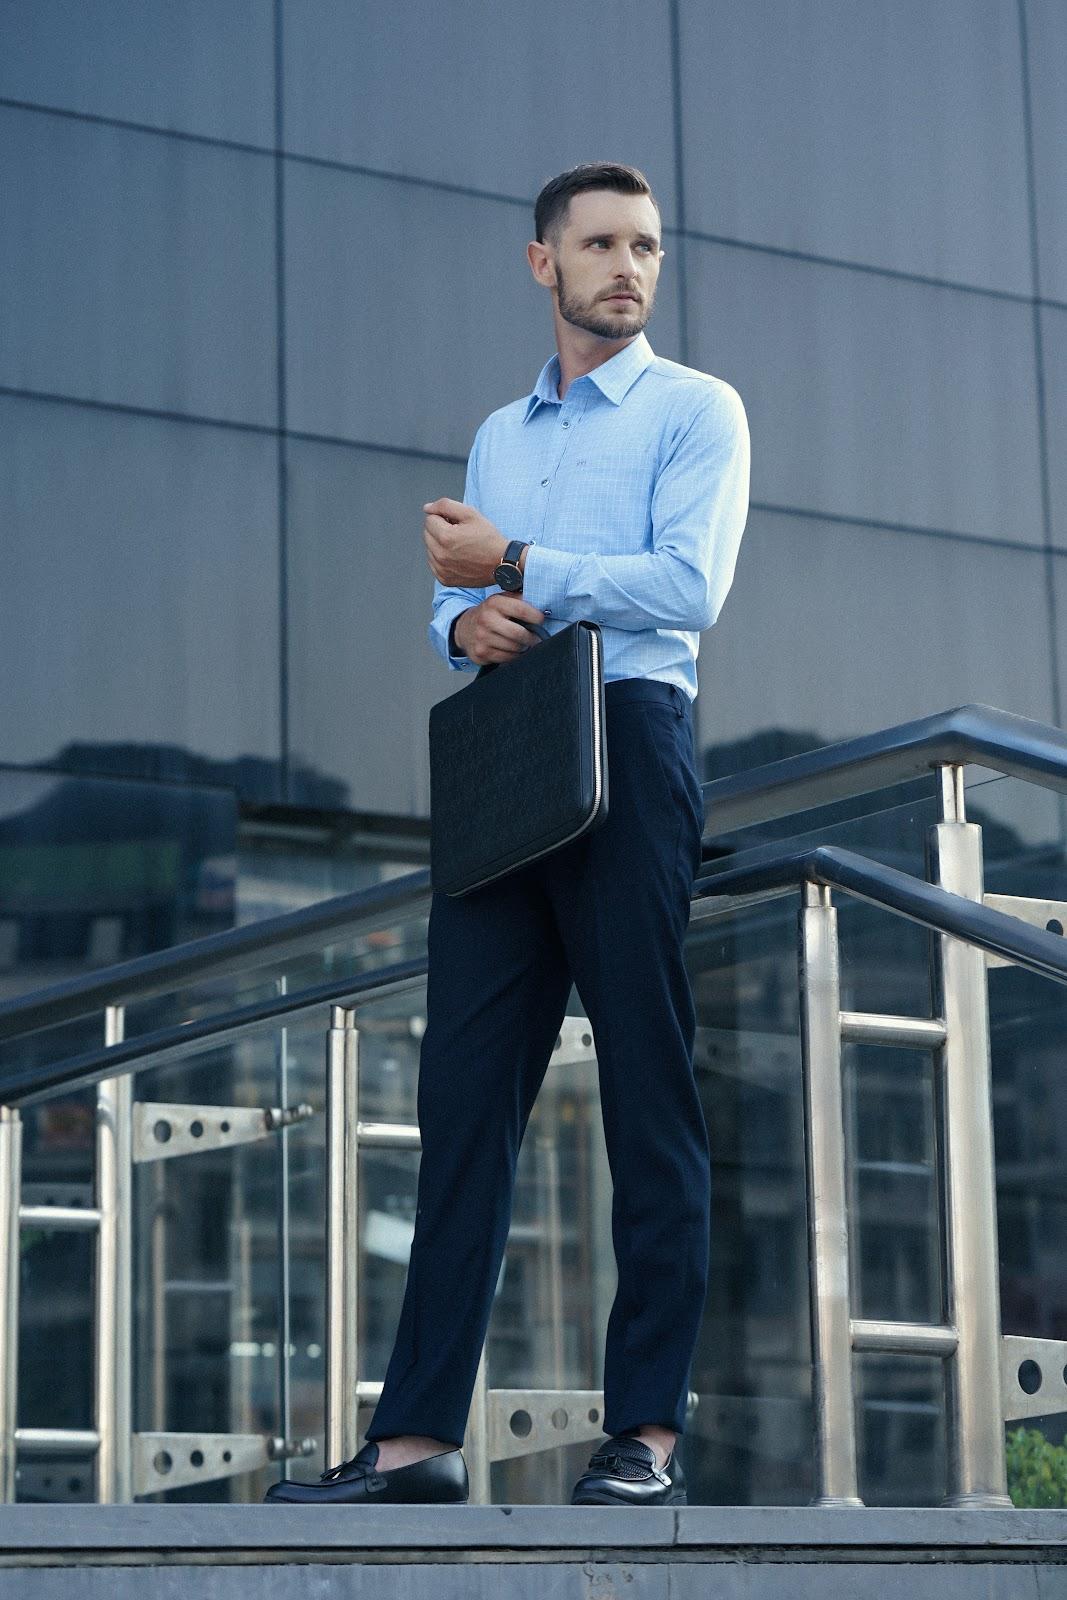 Áo sơ mi màu xanh nhạt phù hợp với mọi màu da nam giới.